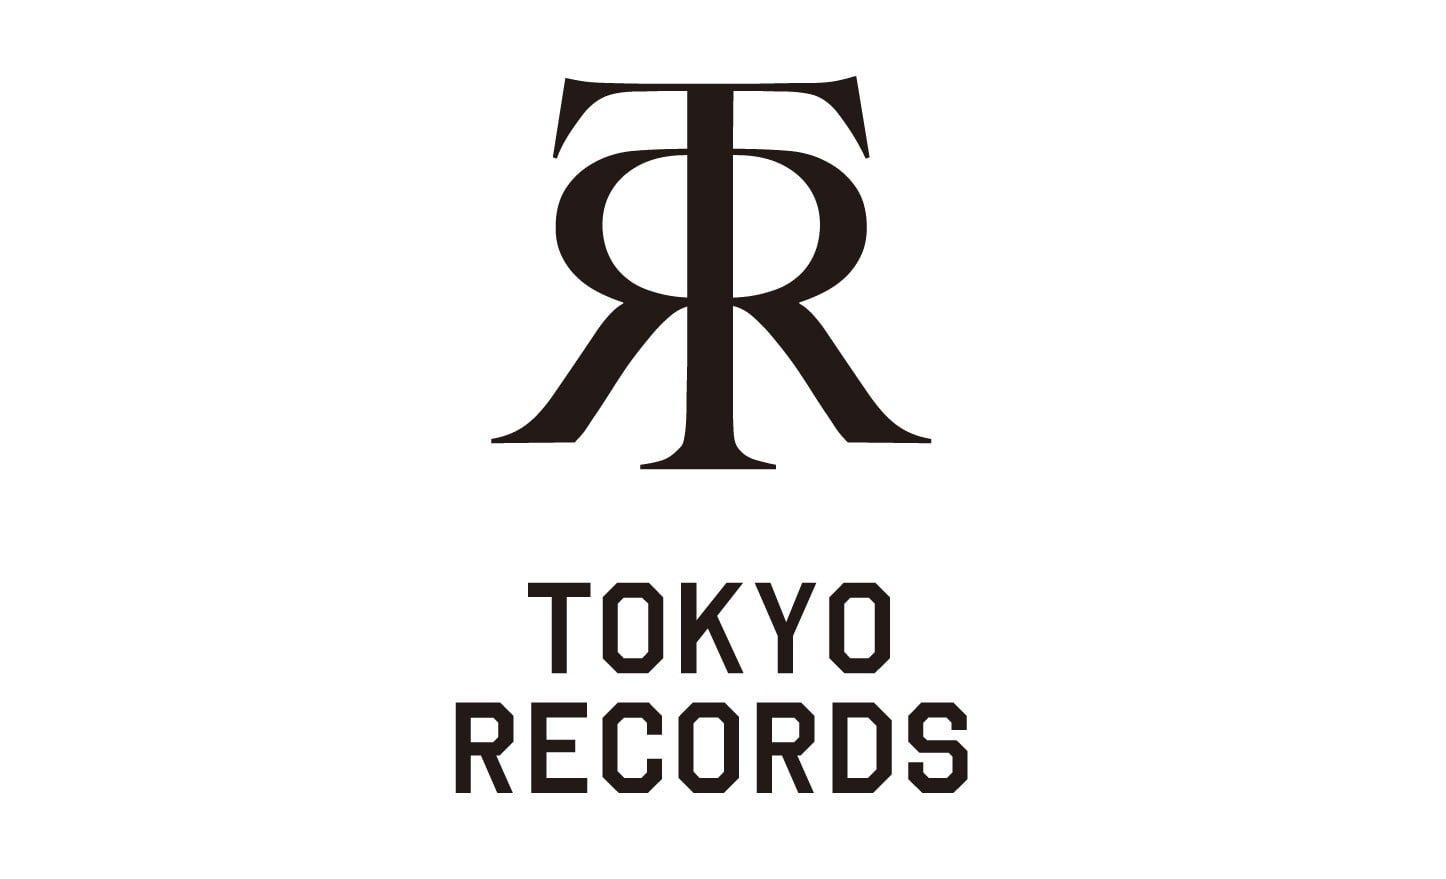 TOKYO RECORDS